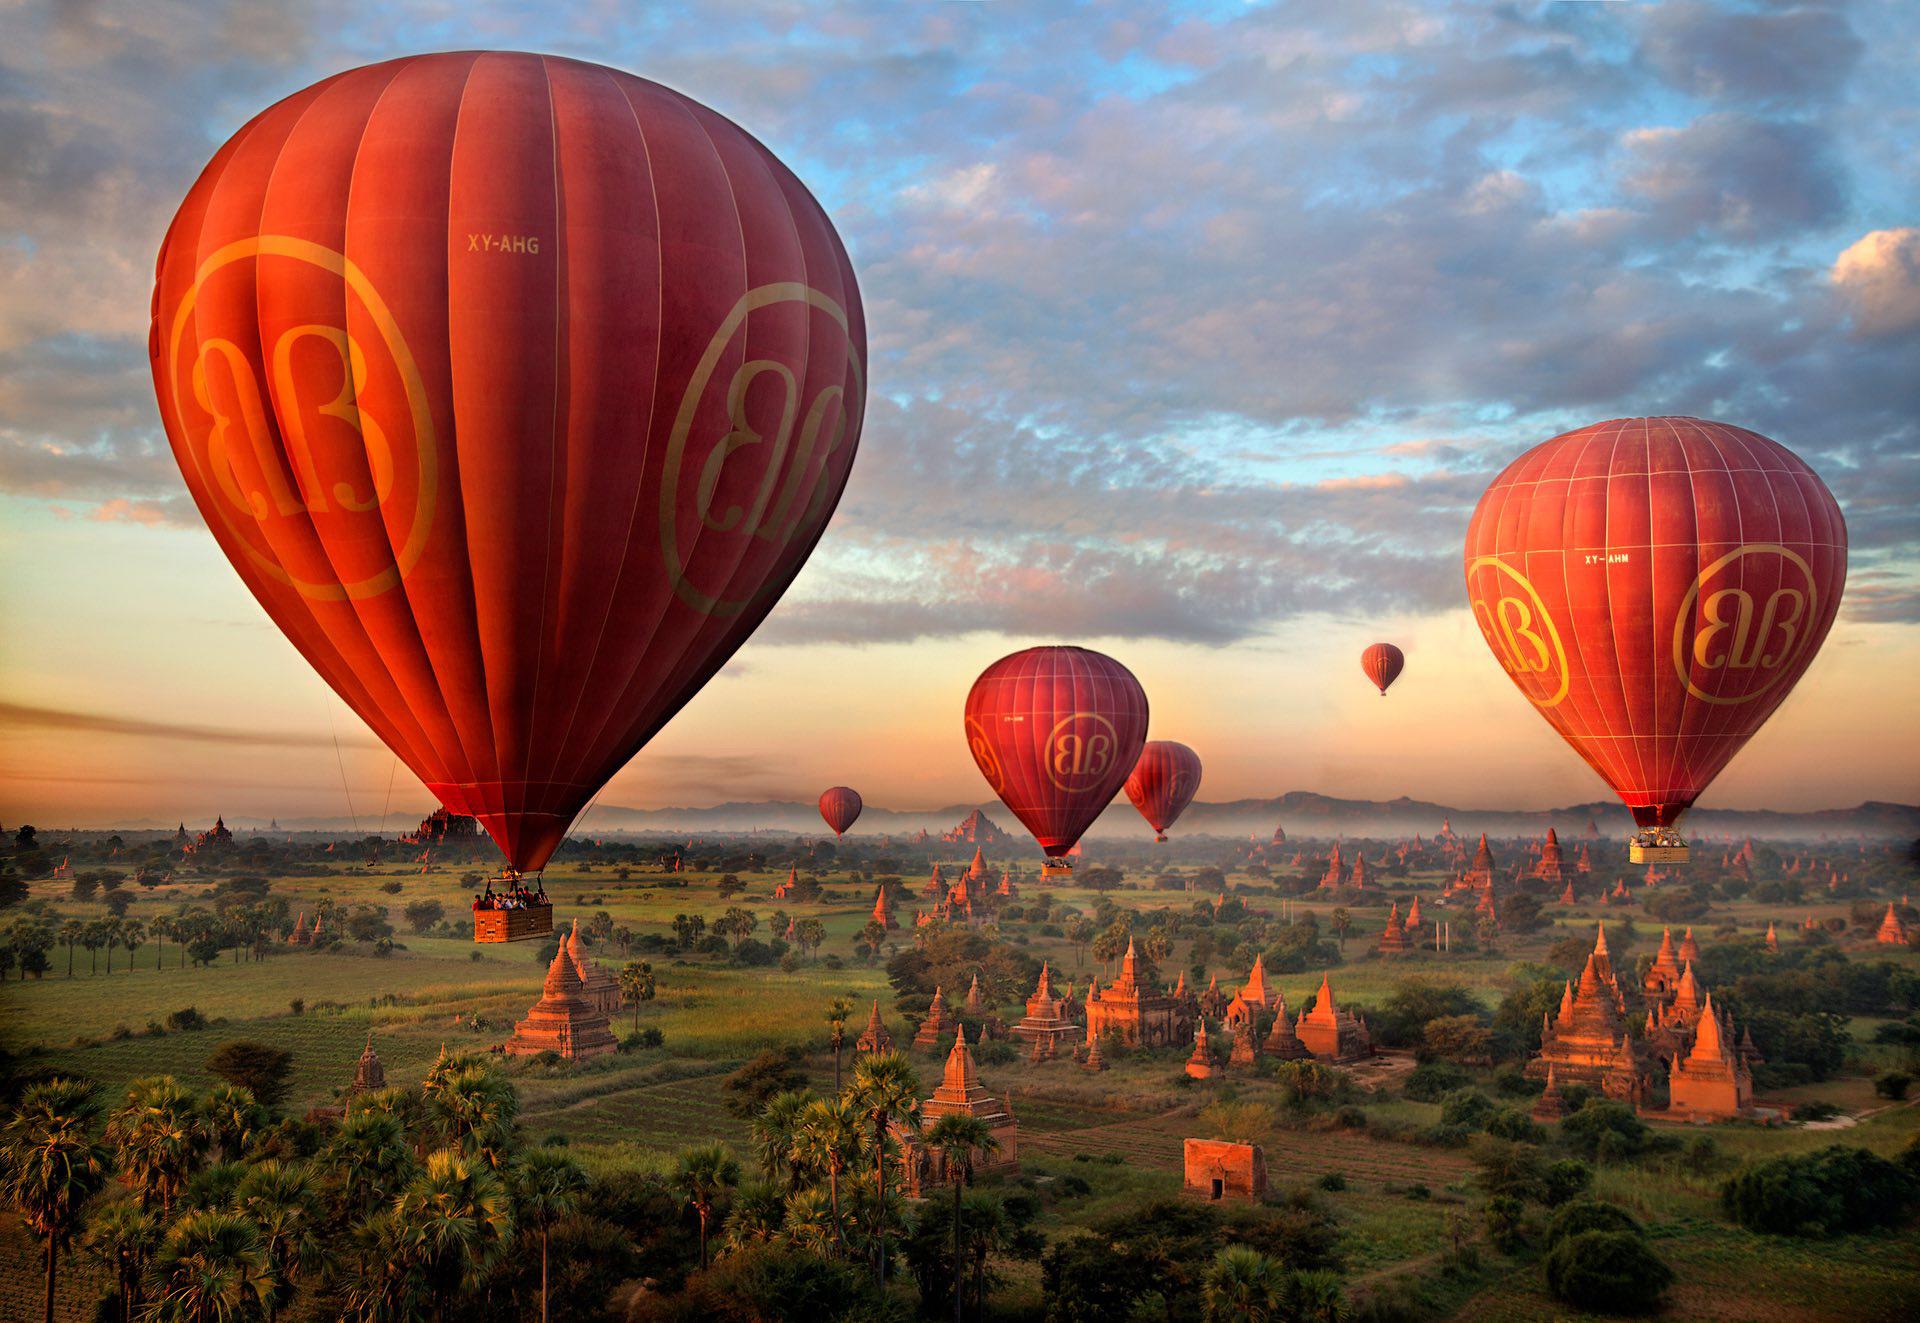 Hình ảnh khinh khí cầu tại cố đô Bagan Myanmar